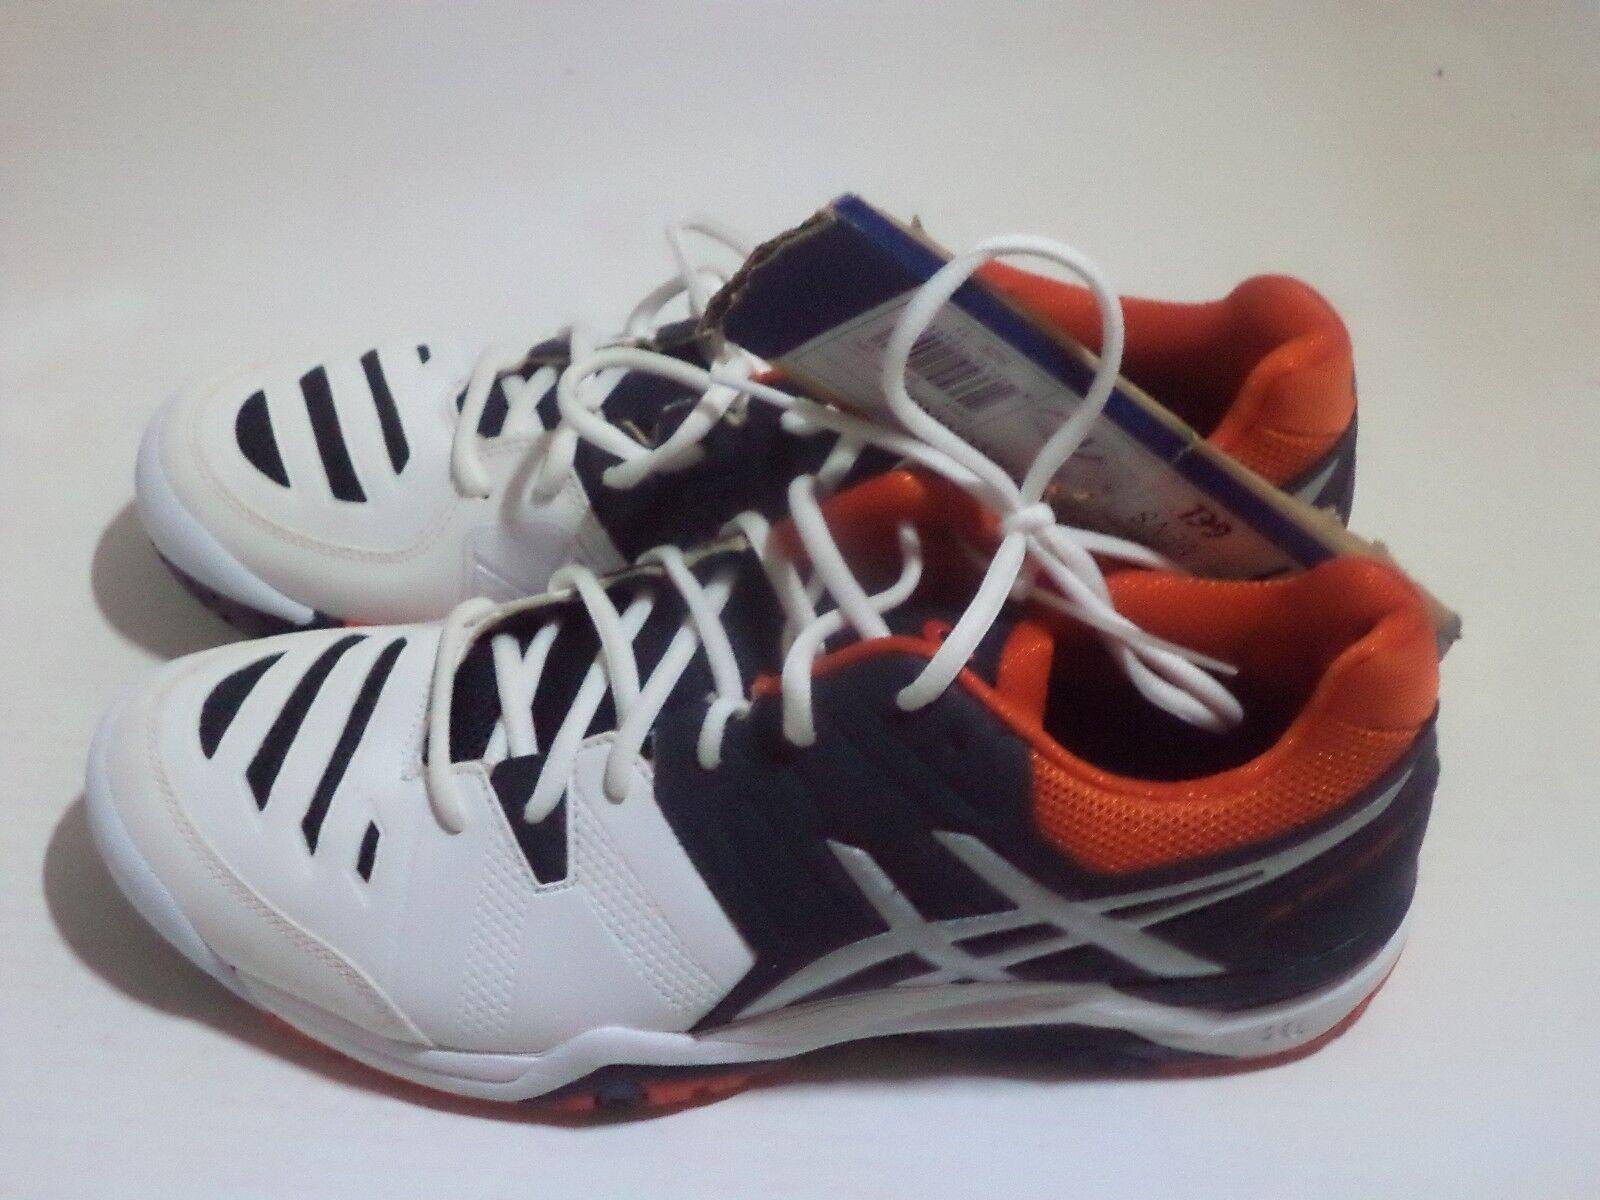 ASICS Men's Gel-Challenger 10 Tennis zapatos Talla 9 - 11 Colors blanco azul & Crimso